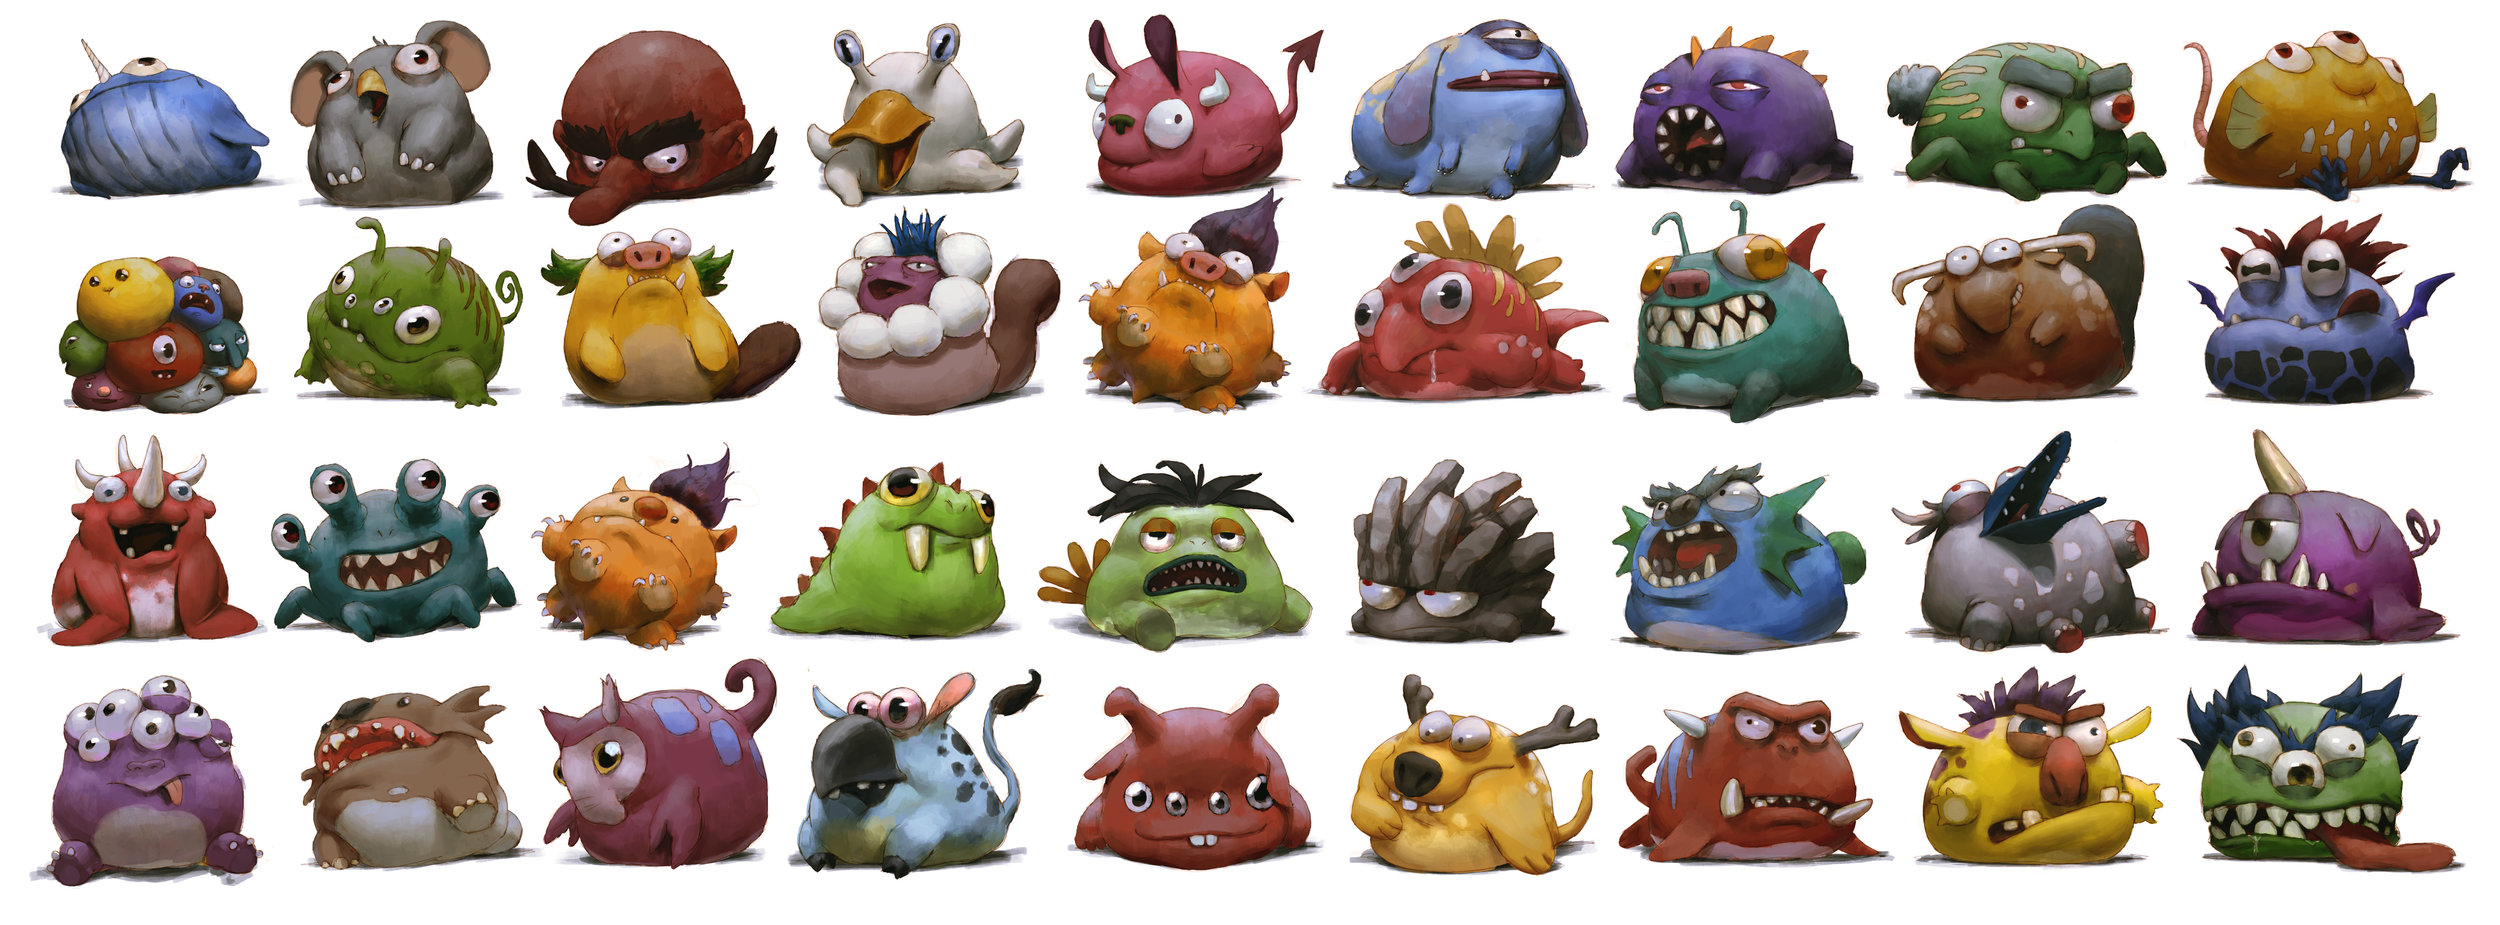 monsters_07.jpg